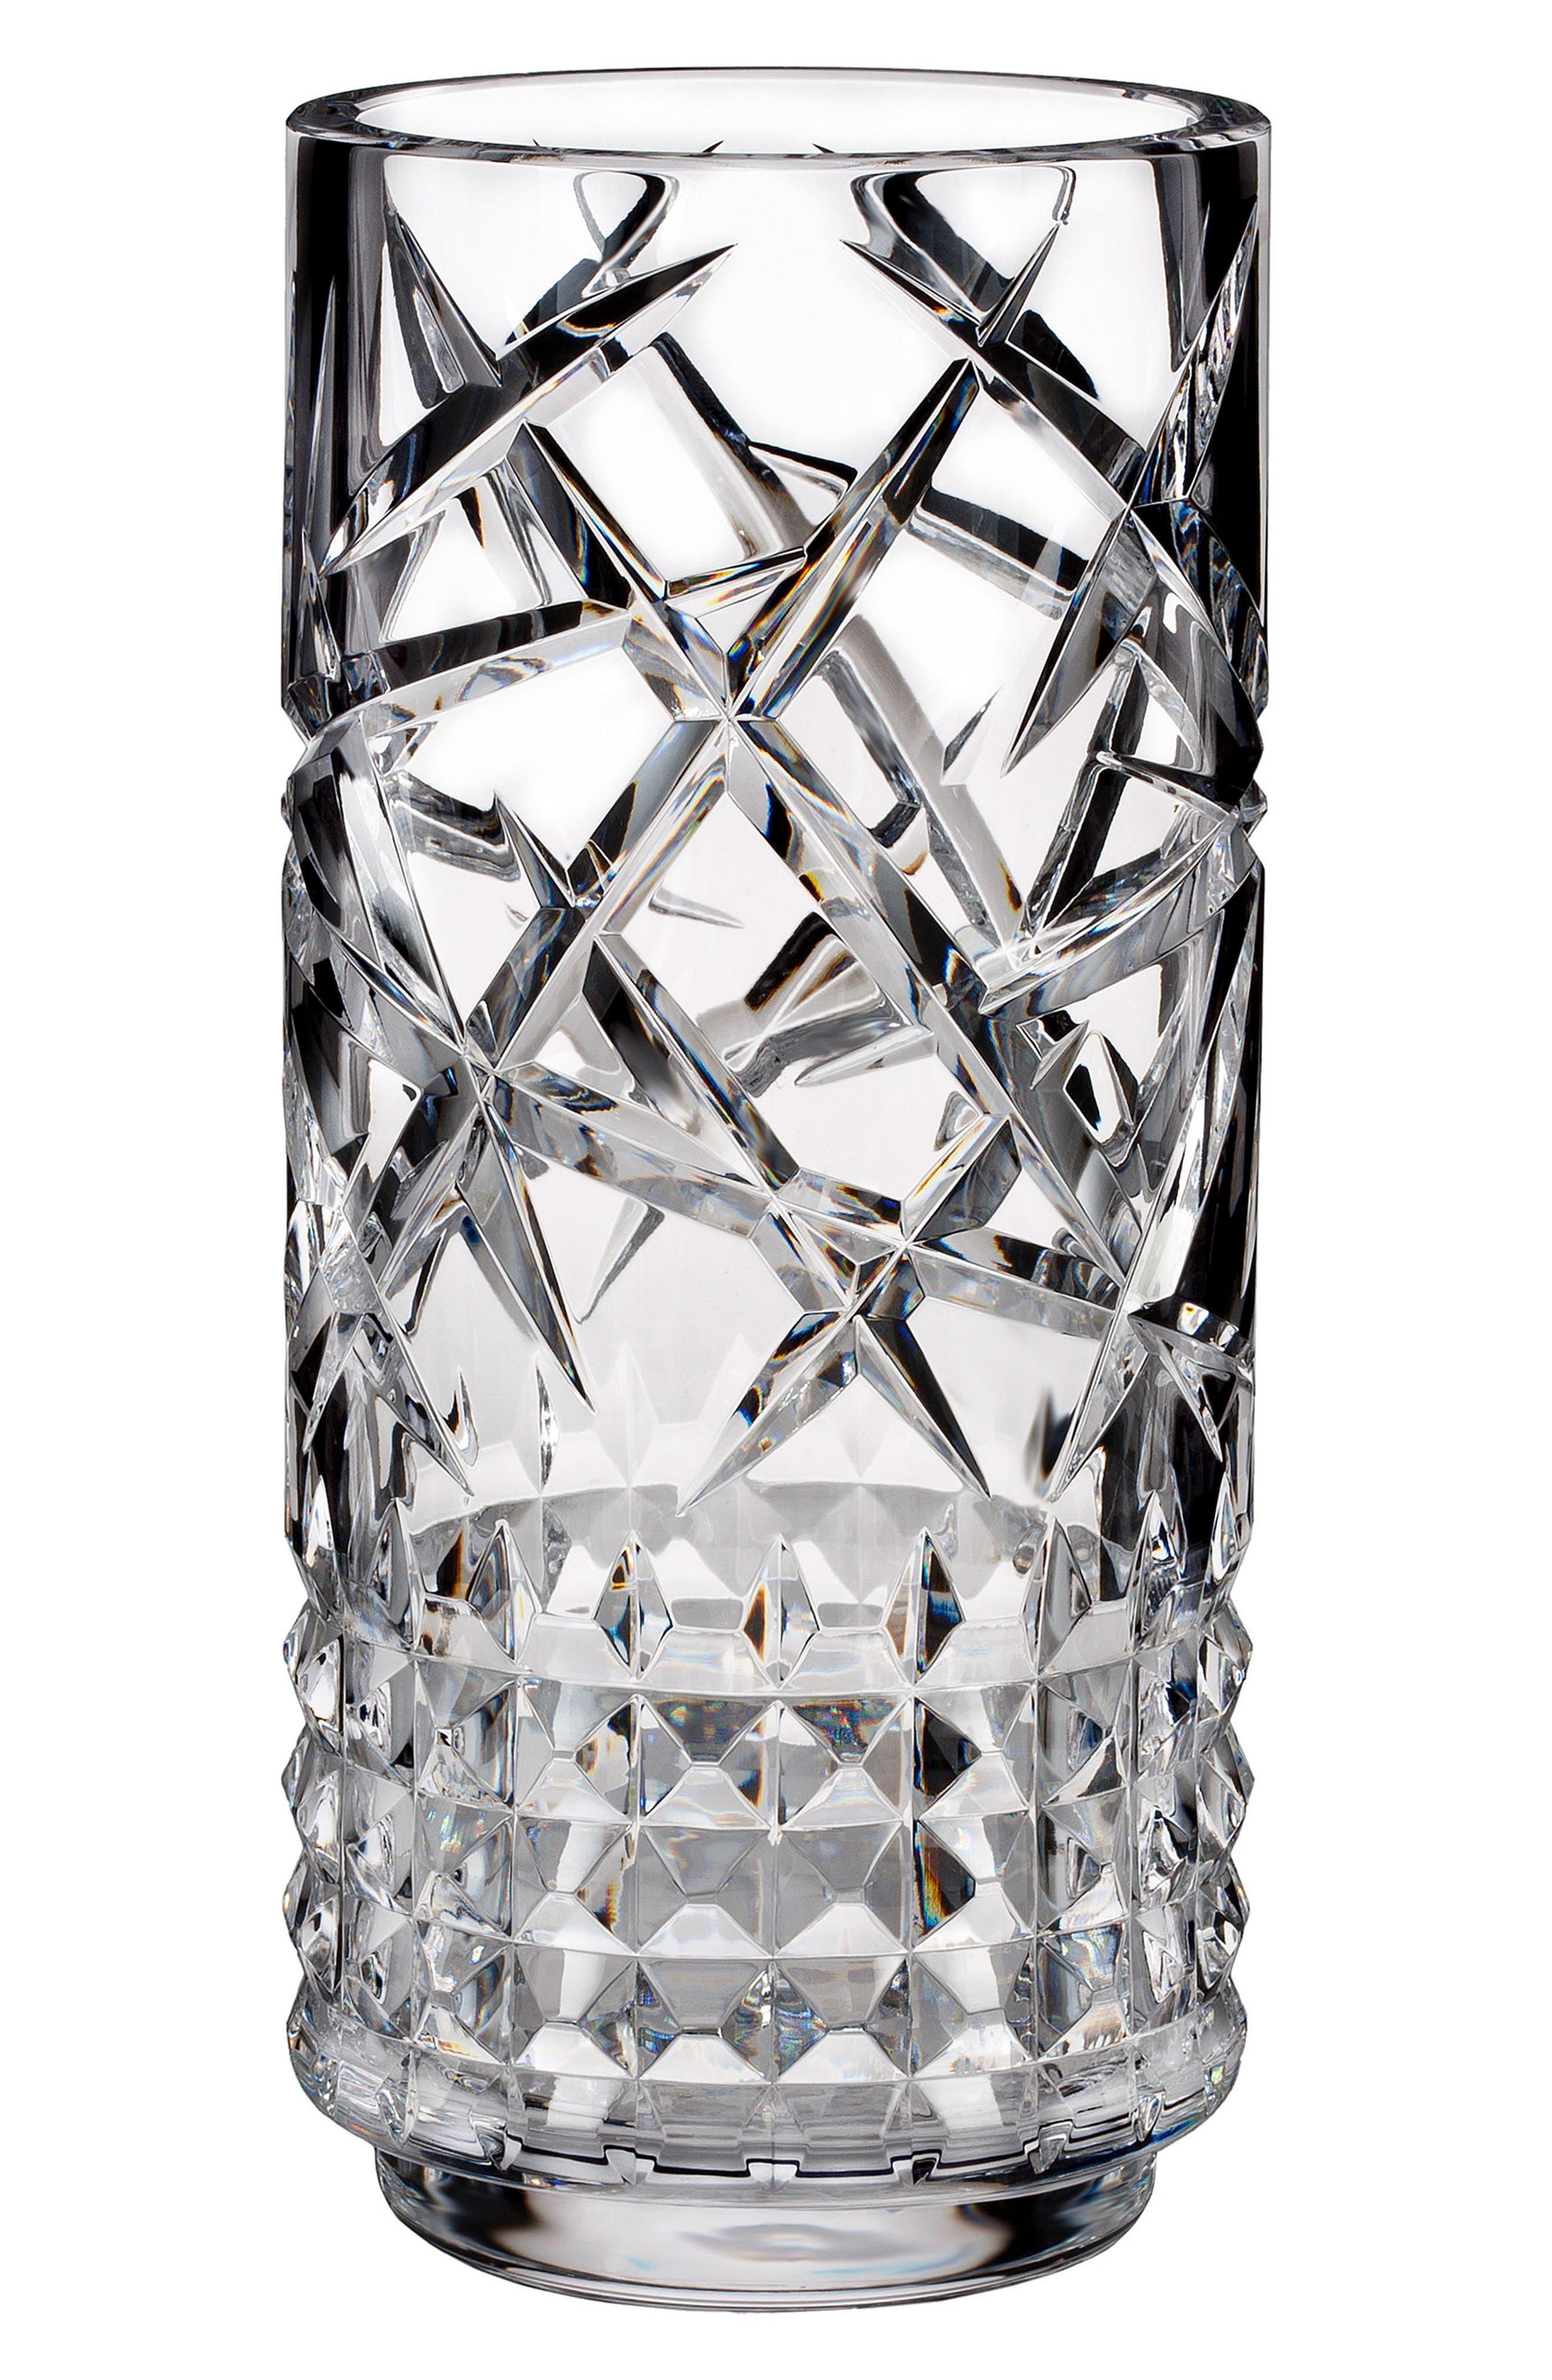 Main Image - Waterford Fleurology Jeff Leatham Tina Lead Crystal Vase